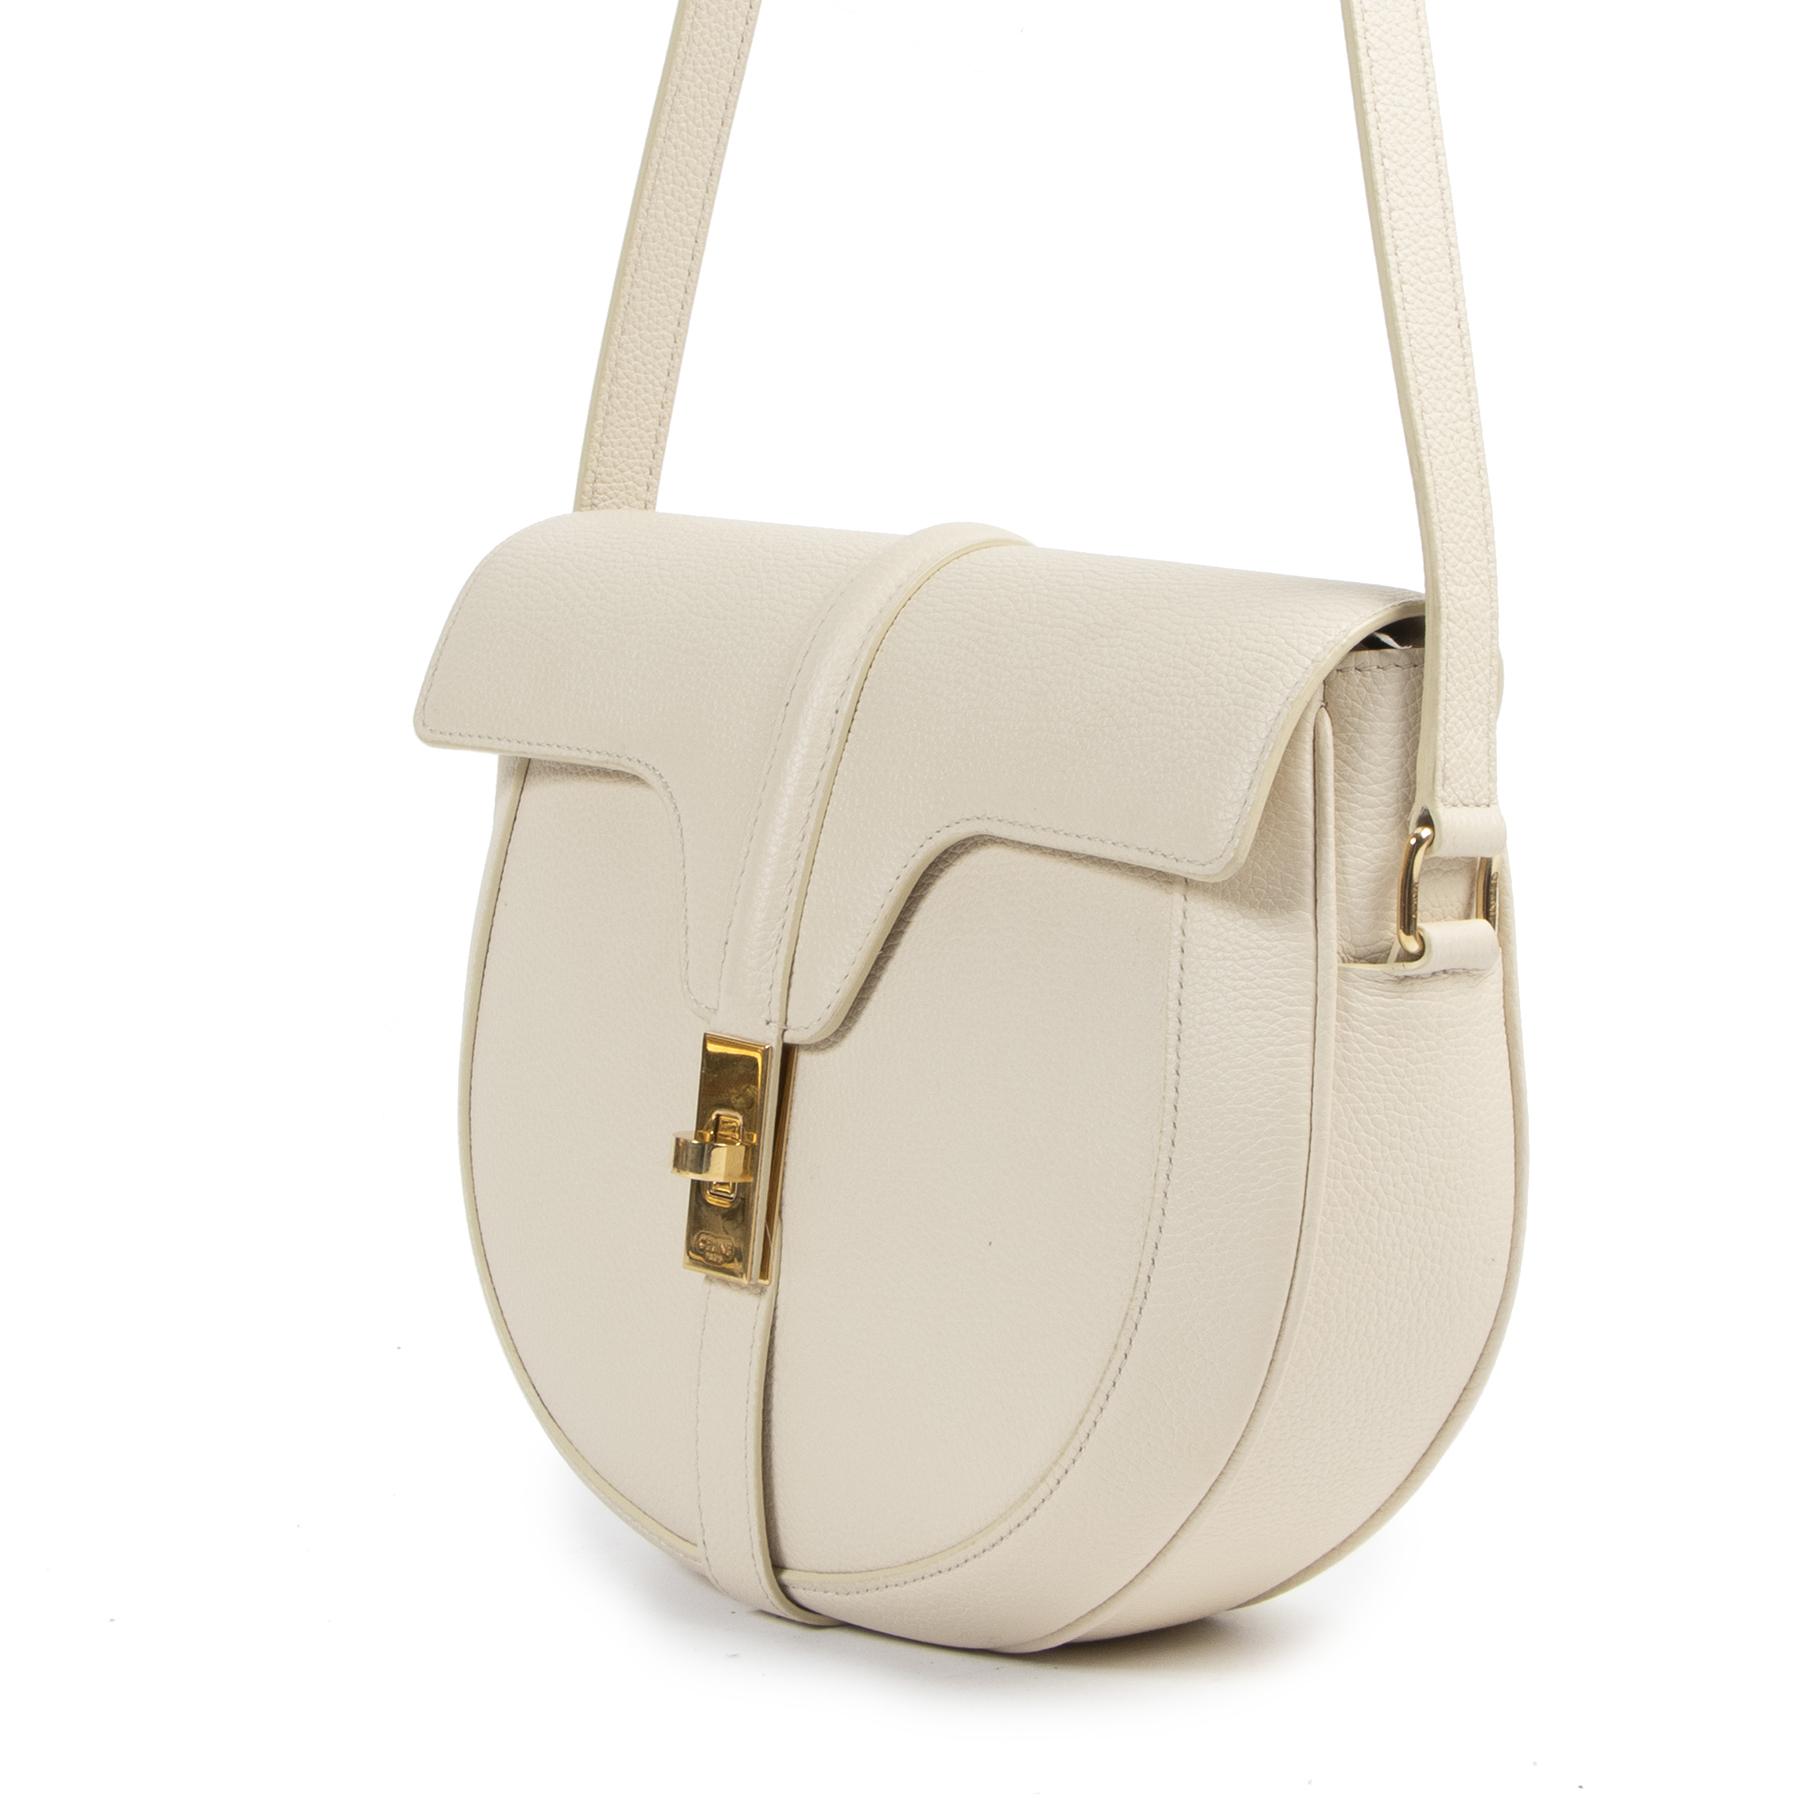 Celine Besace 16 Cream Crossbody Bag aan de beste prijs bij Labellov tweedehands luxe